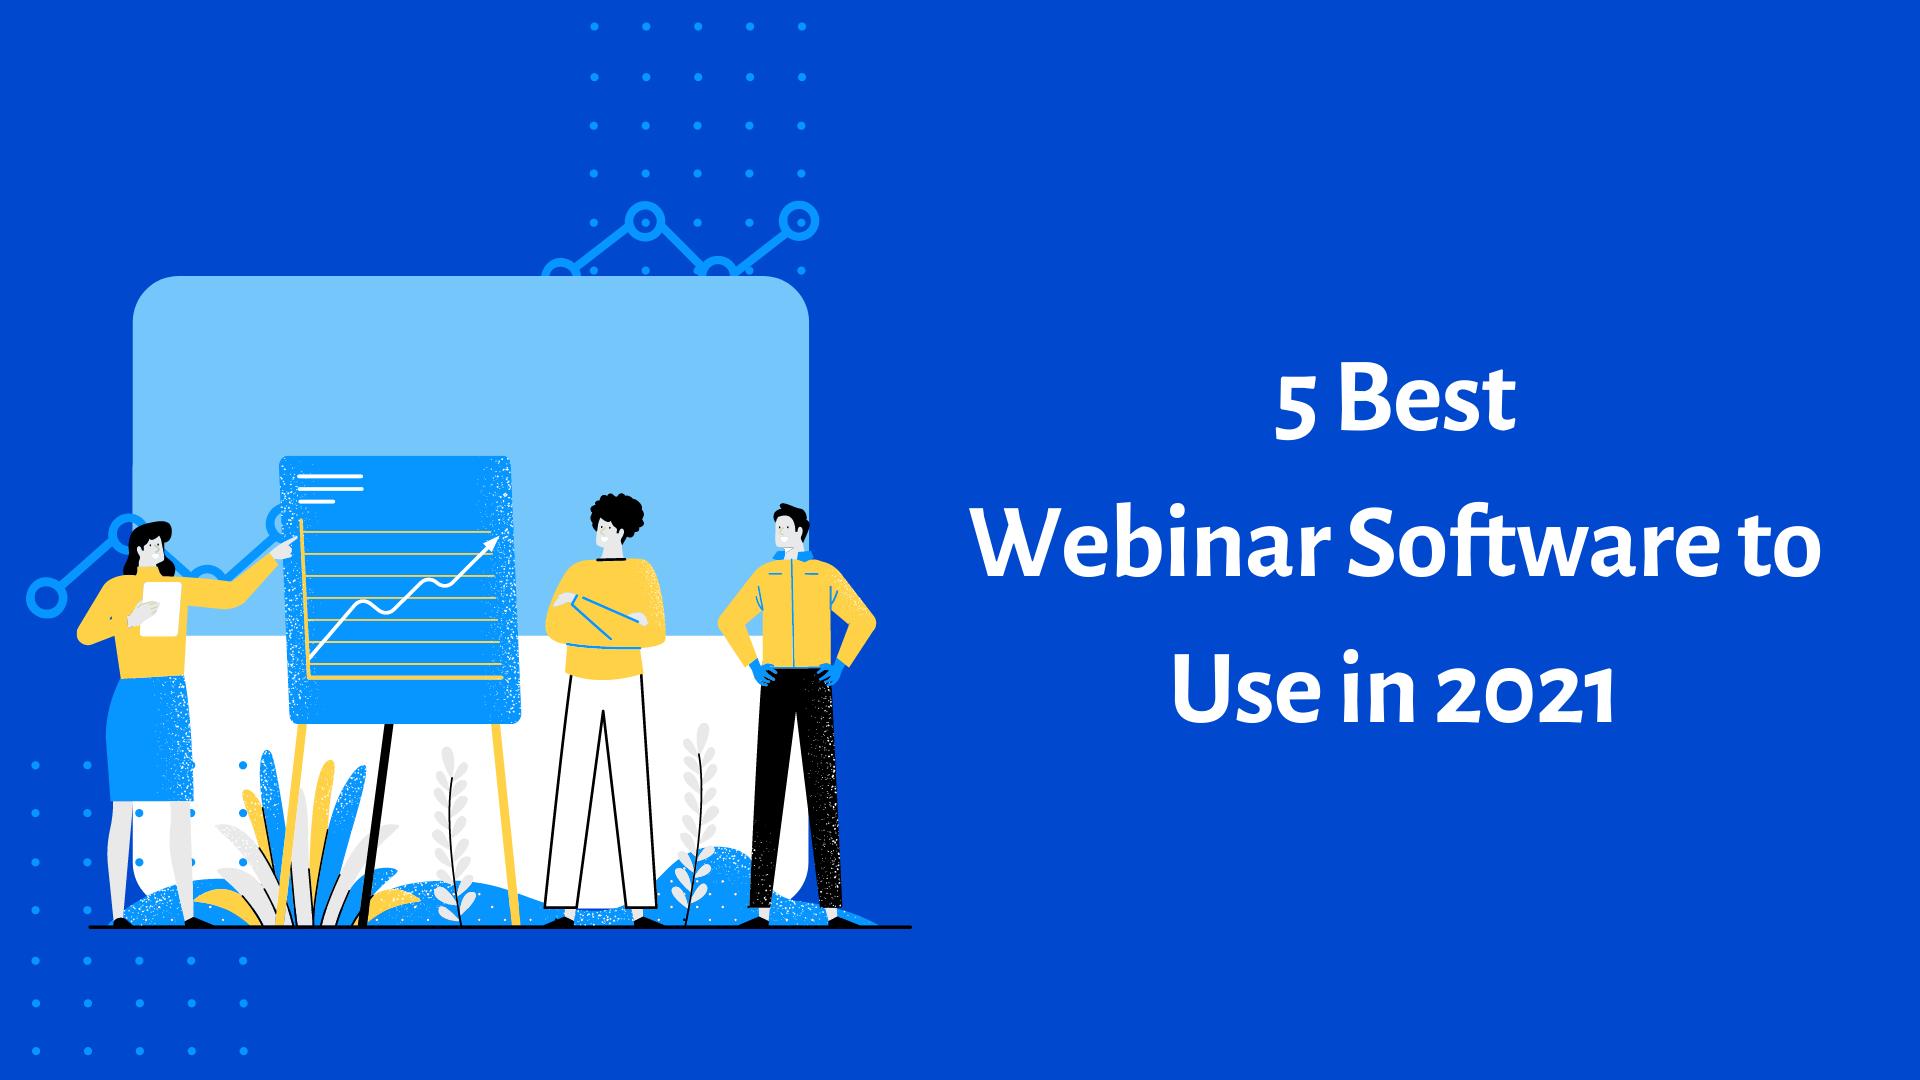 5 Best Webinar Software to Use in 2021